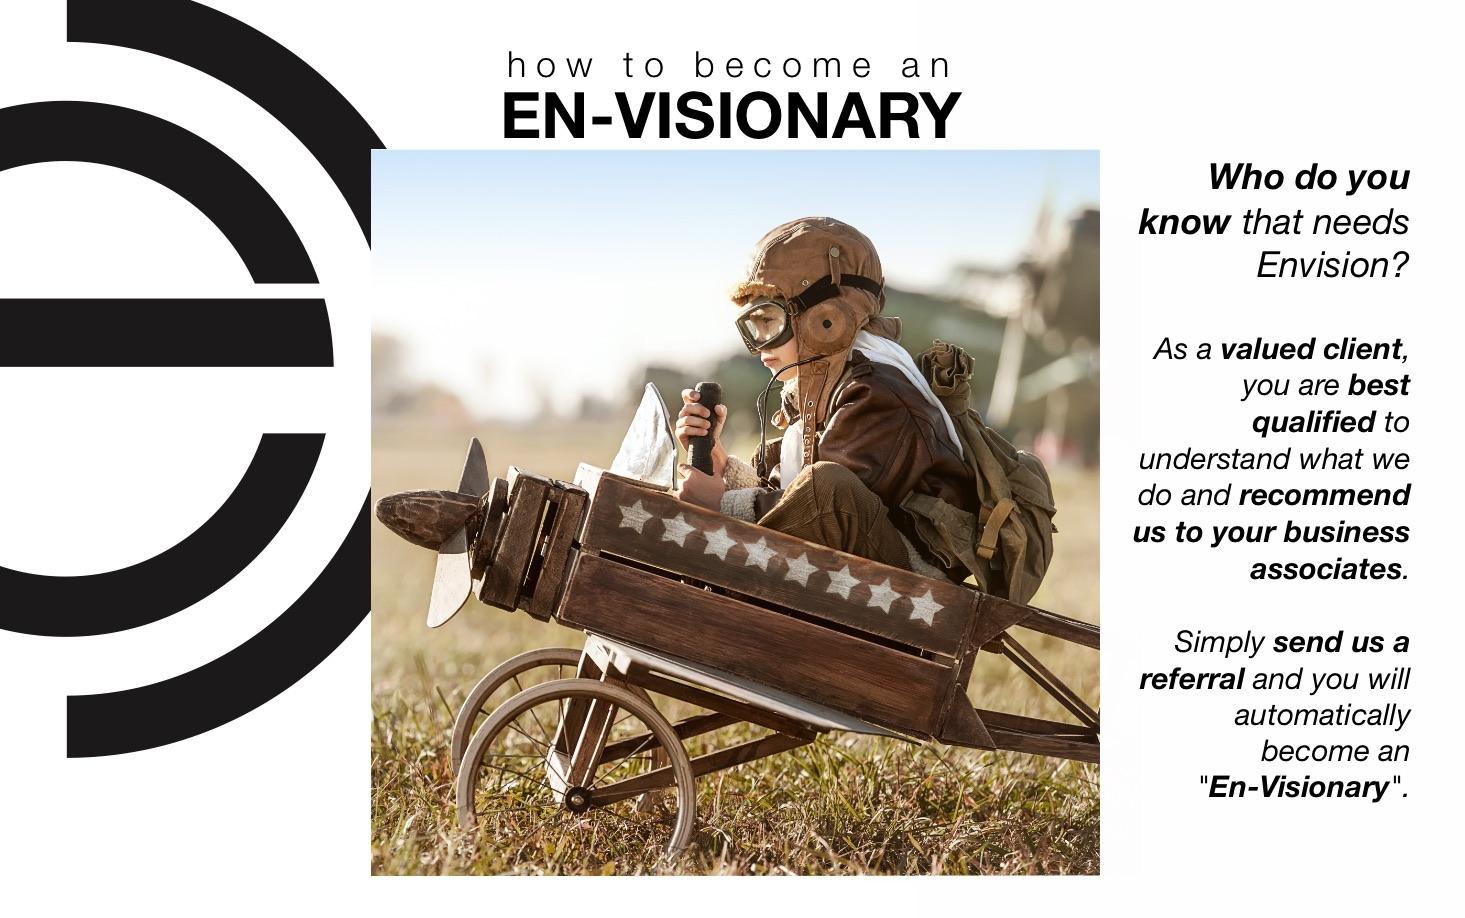 envisionary front 03 slide.jpg